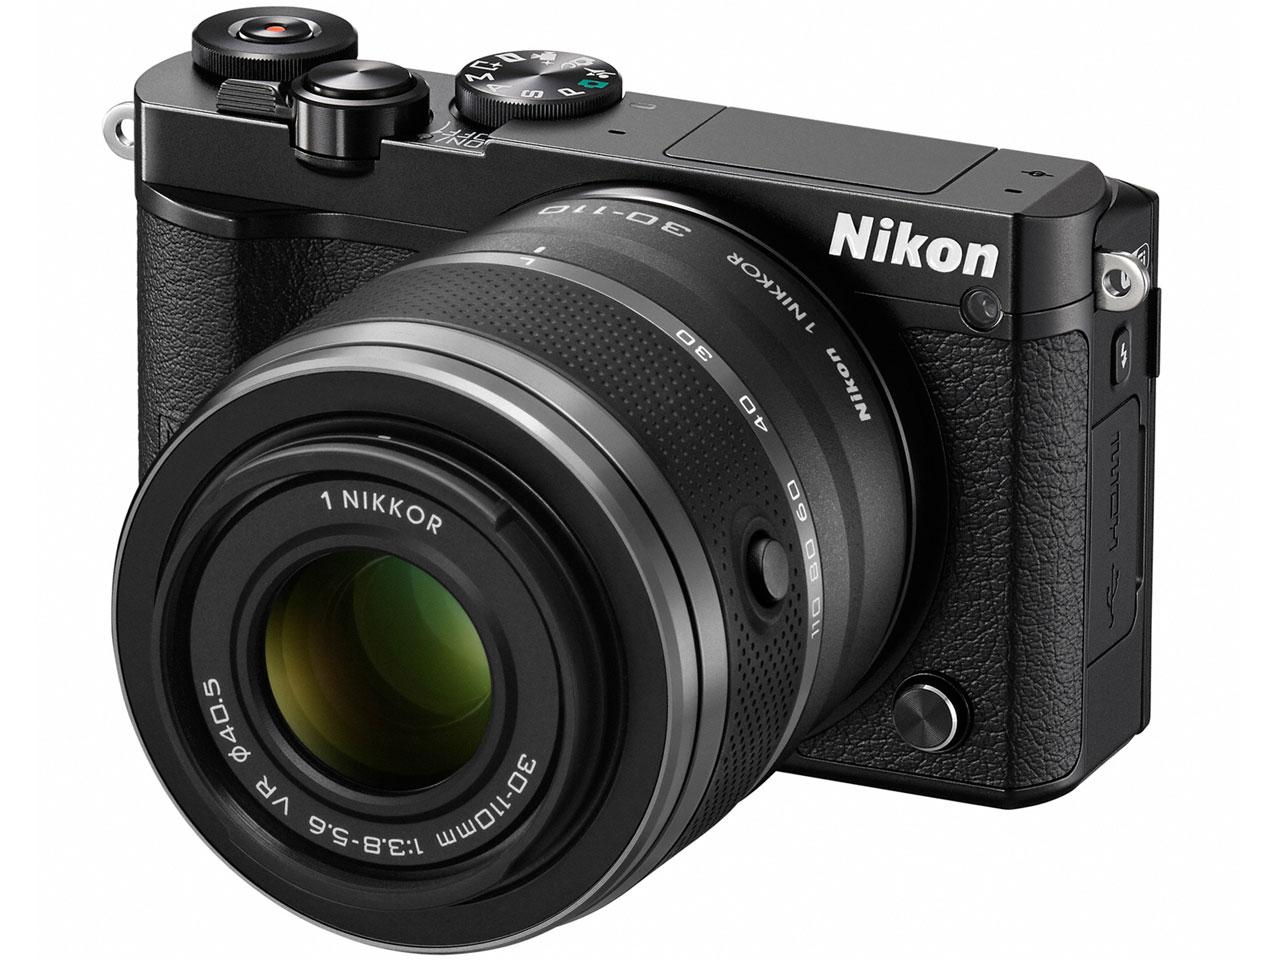 Nikon 1 J5 ダブルズームレンズキット [ブラック] の製品画像